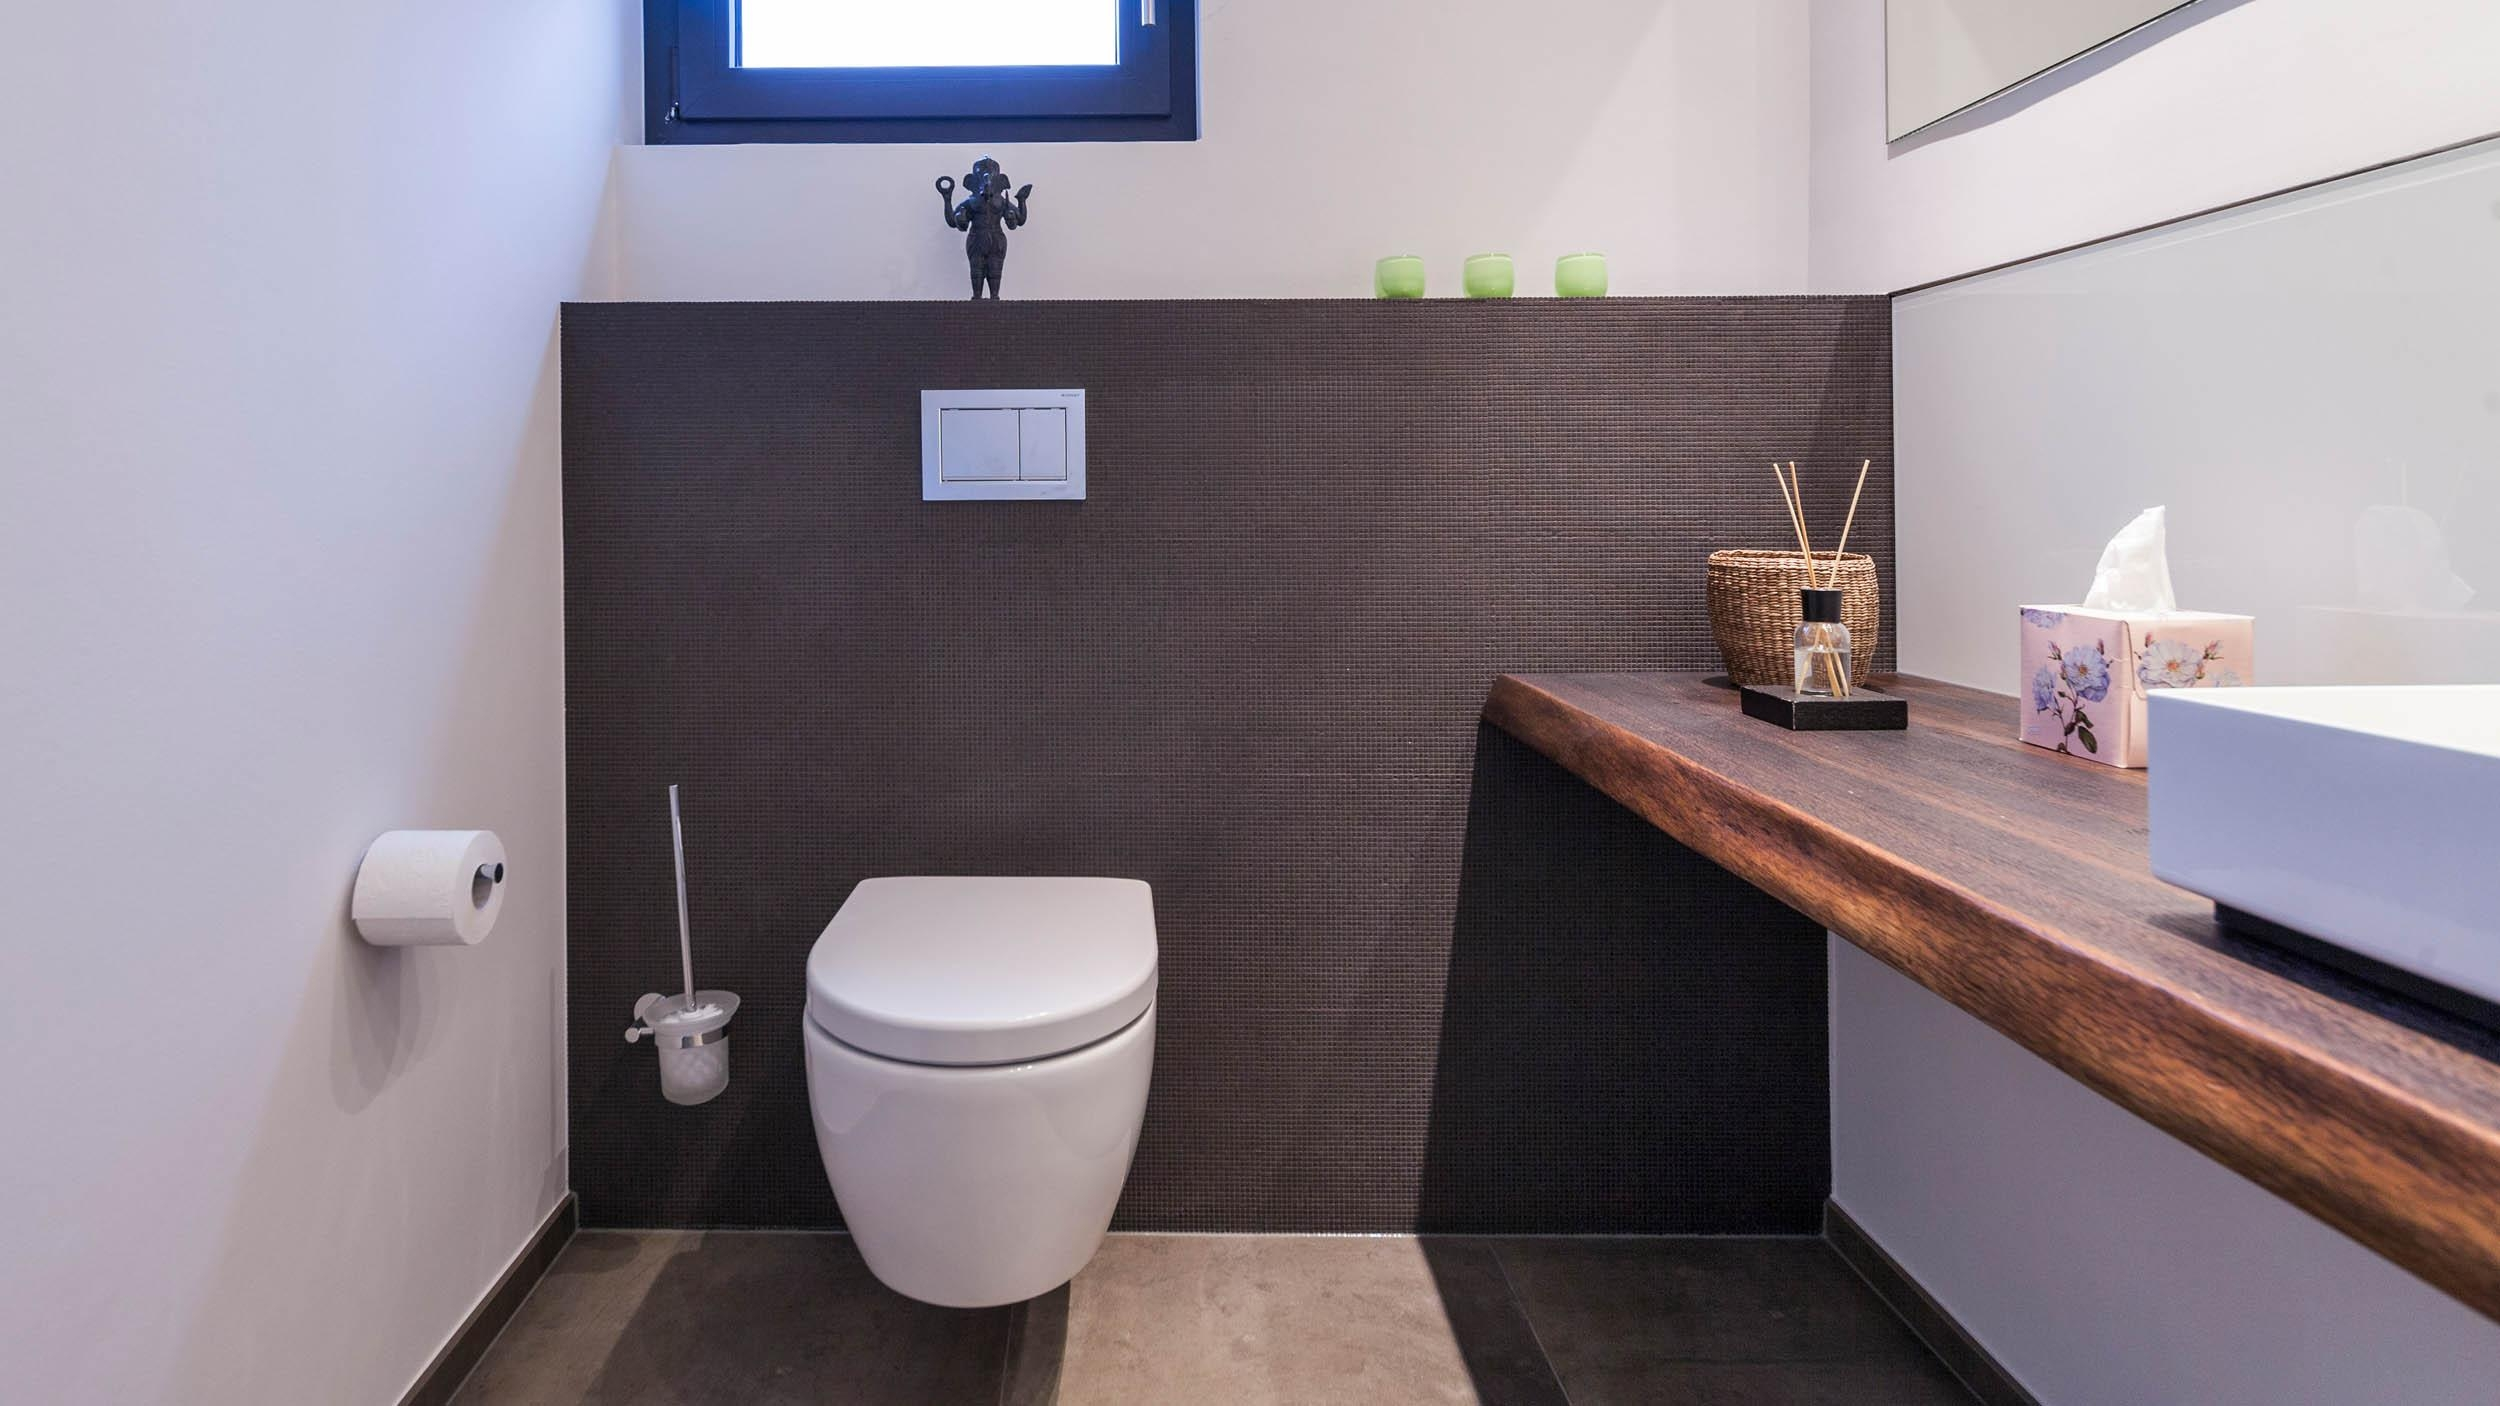 waschbecken-bilder: kreative ideen für's badezimmer!